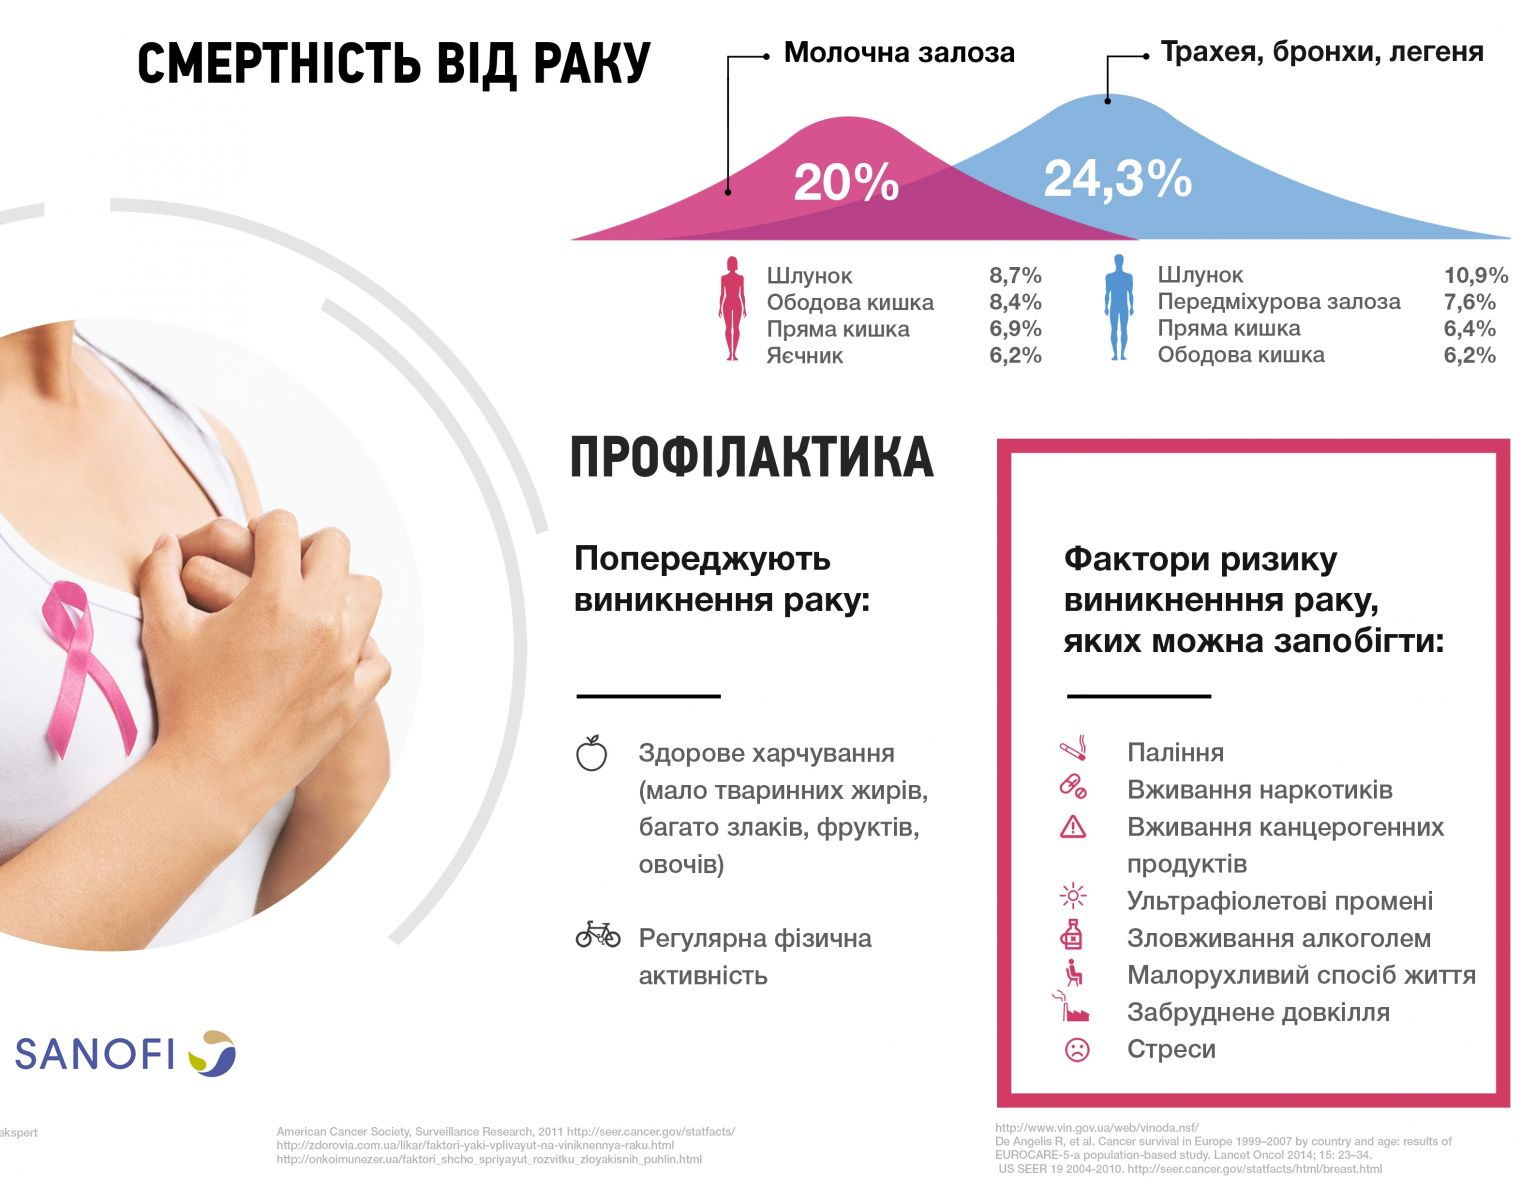 Сколько украинцев рискует заболеть раком?